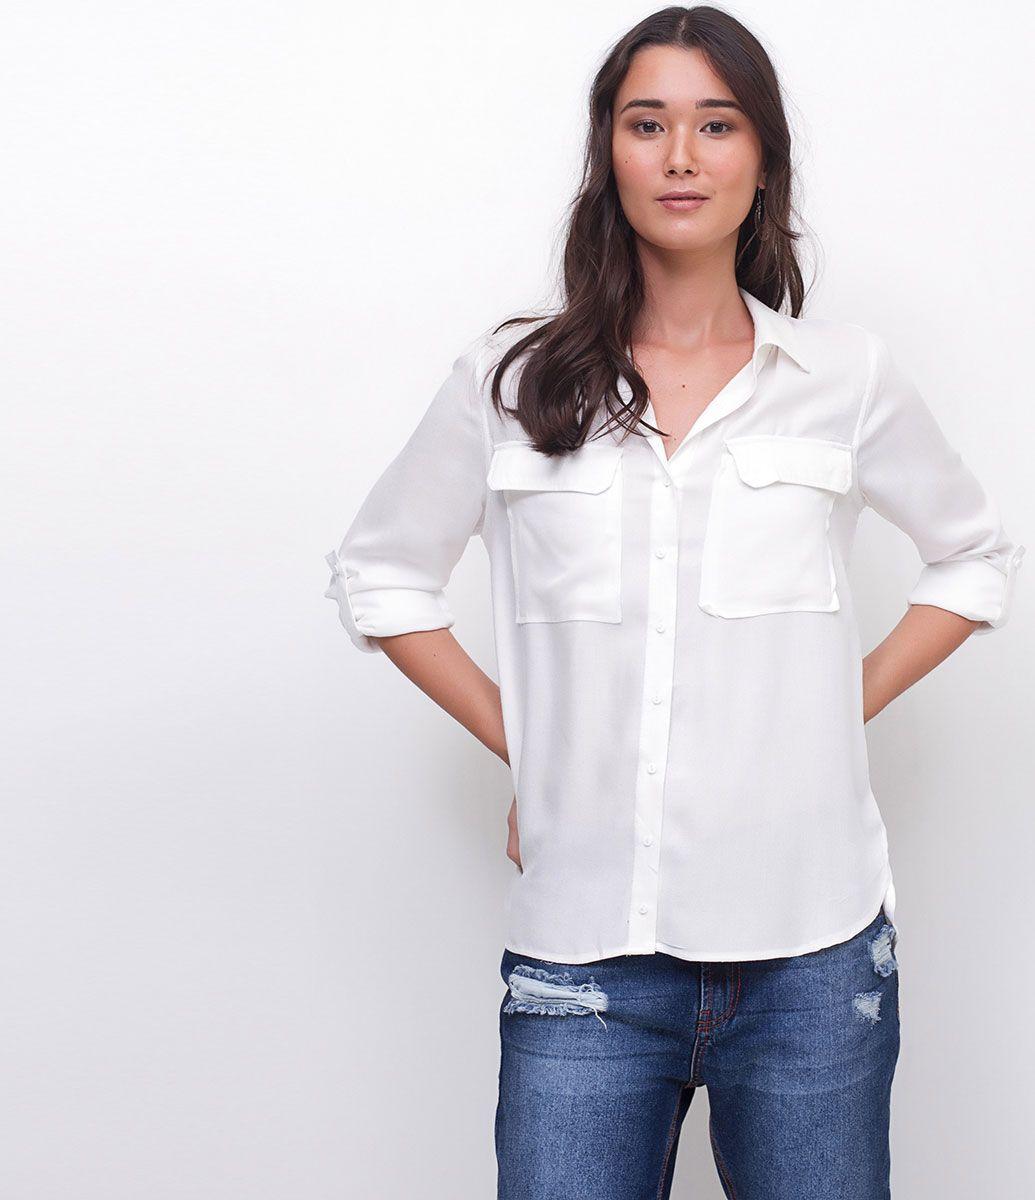 Camisa feminina Manga longa Com bolsos frontais Marca  Marfinno Tecido   Viscose Composição  100 dbabcb8b6d2